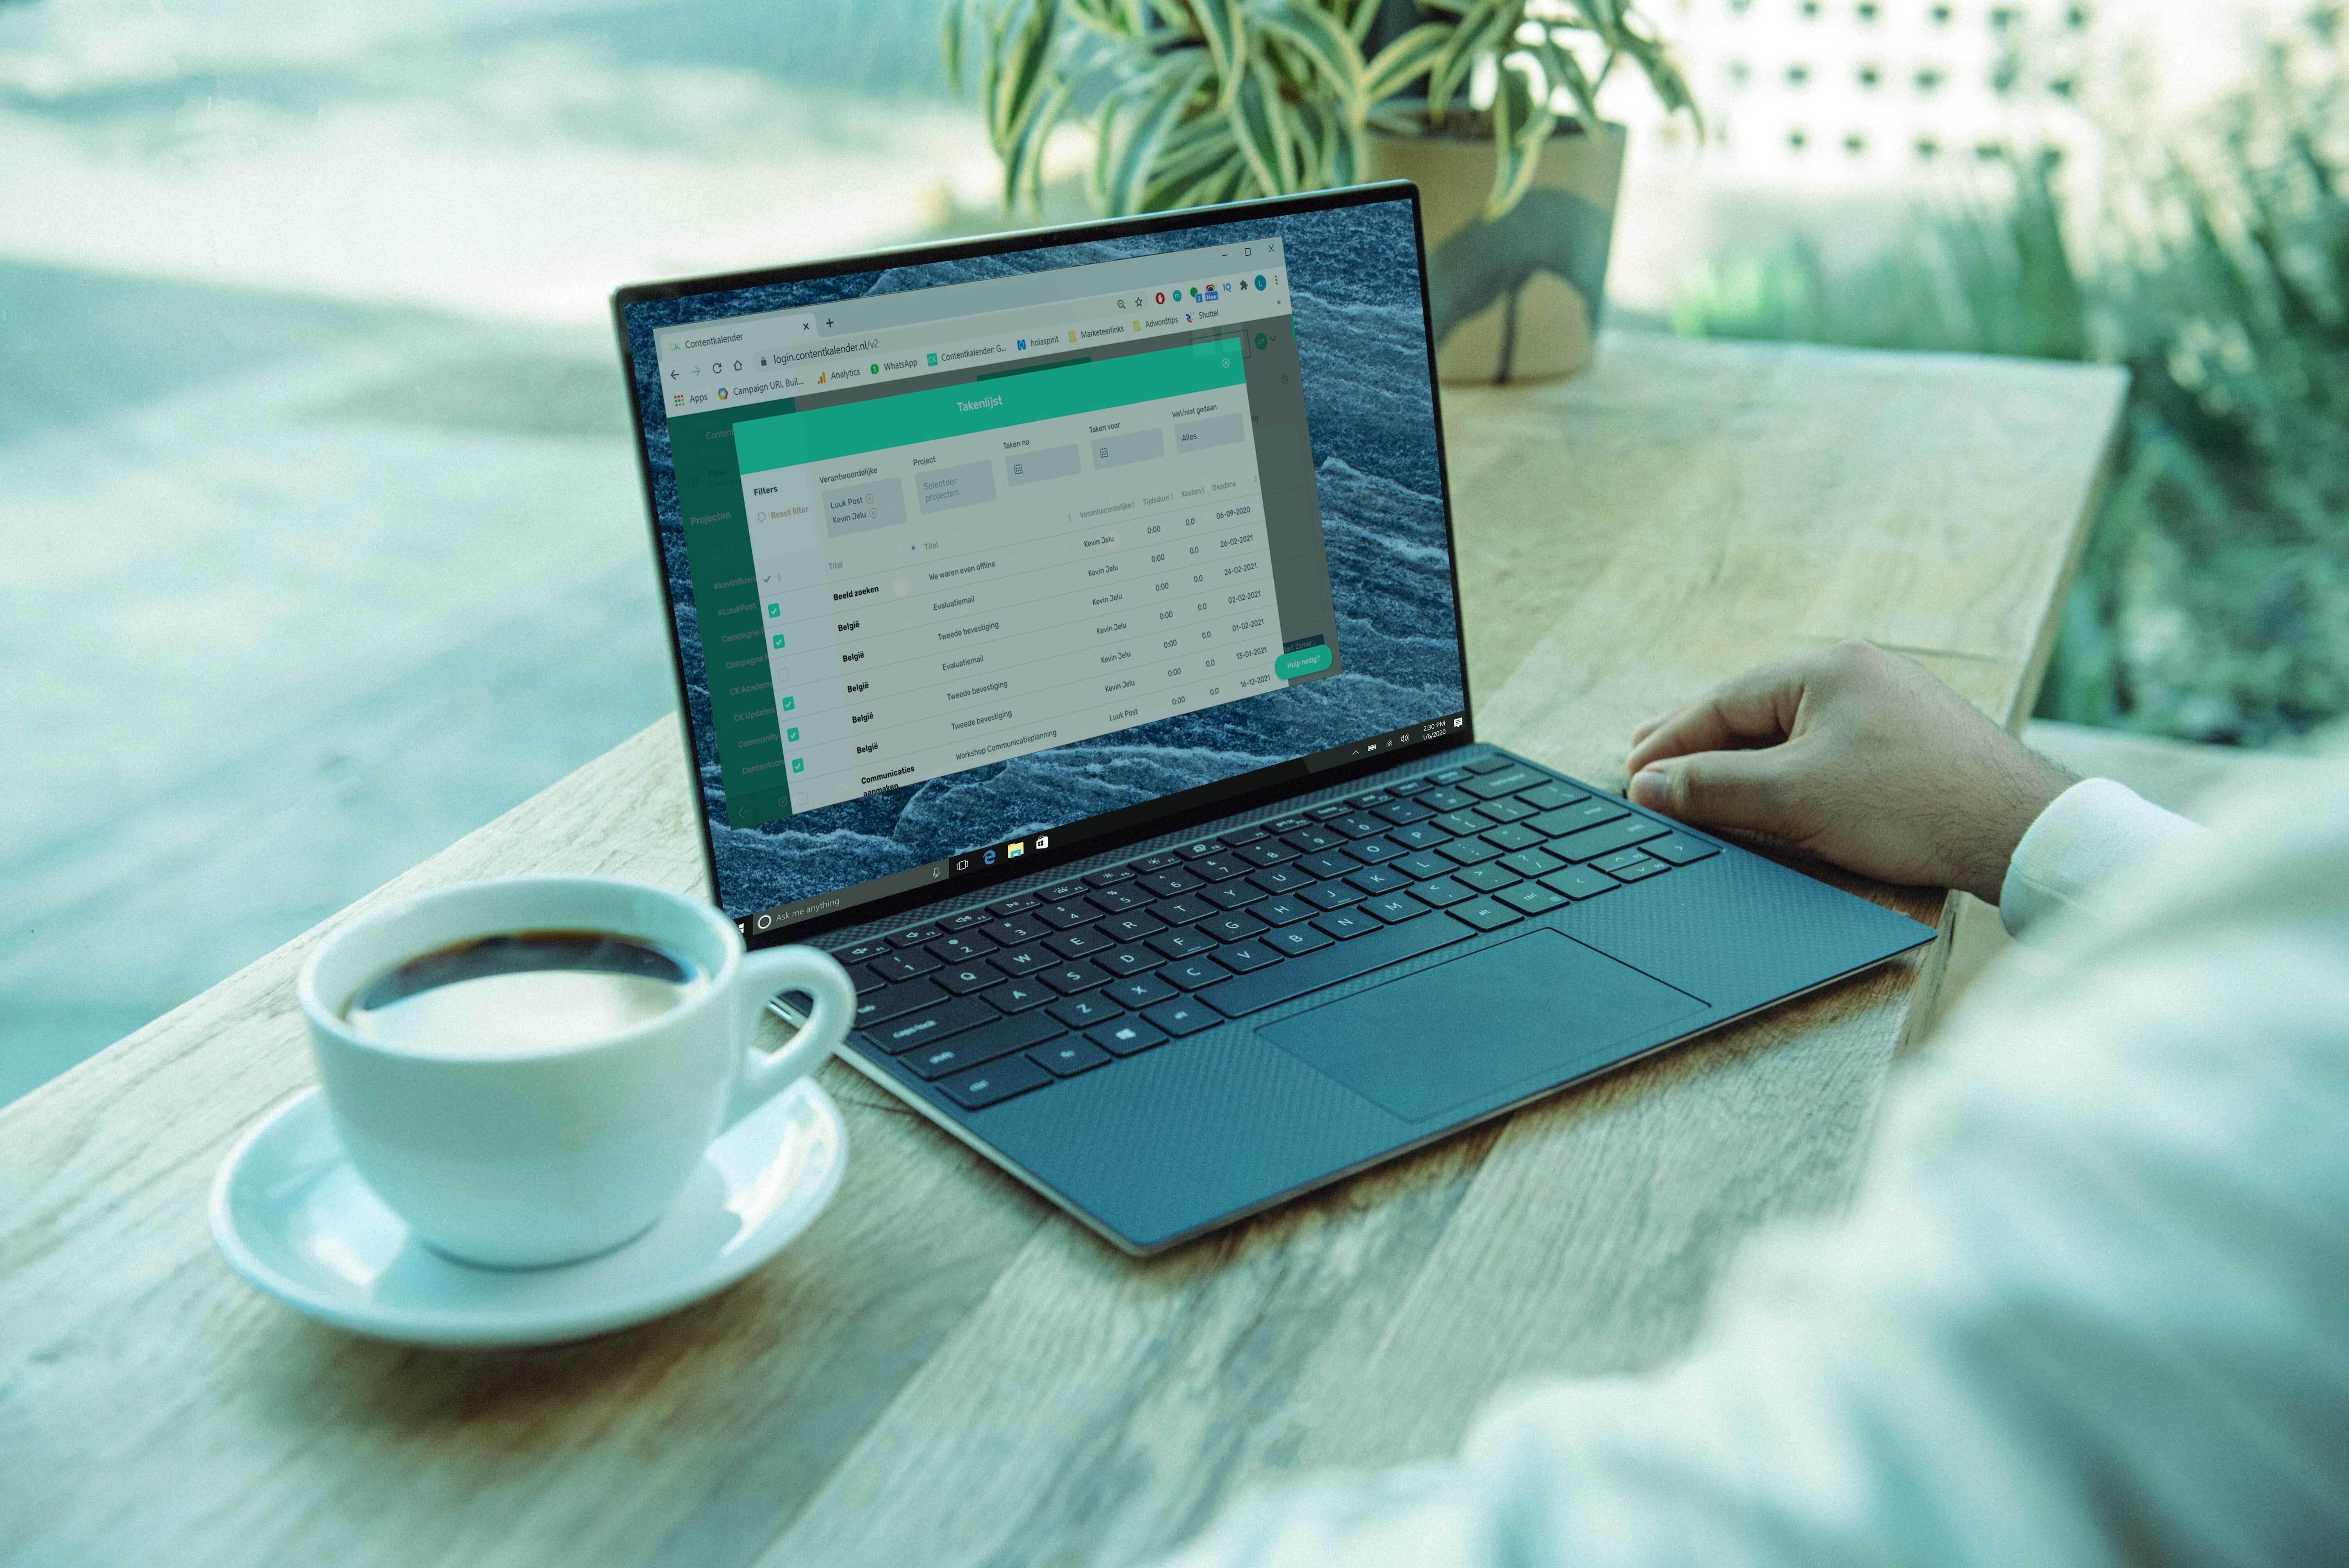 Persoon zit achter bureau met daarop kopje koffie en laptop met de Contentkalender open